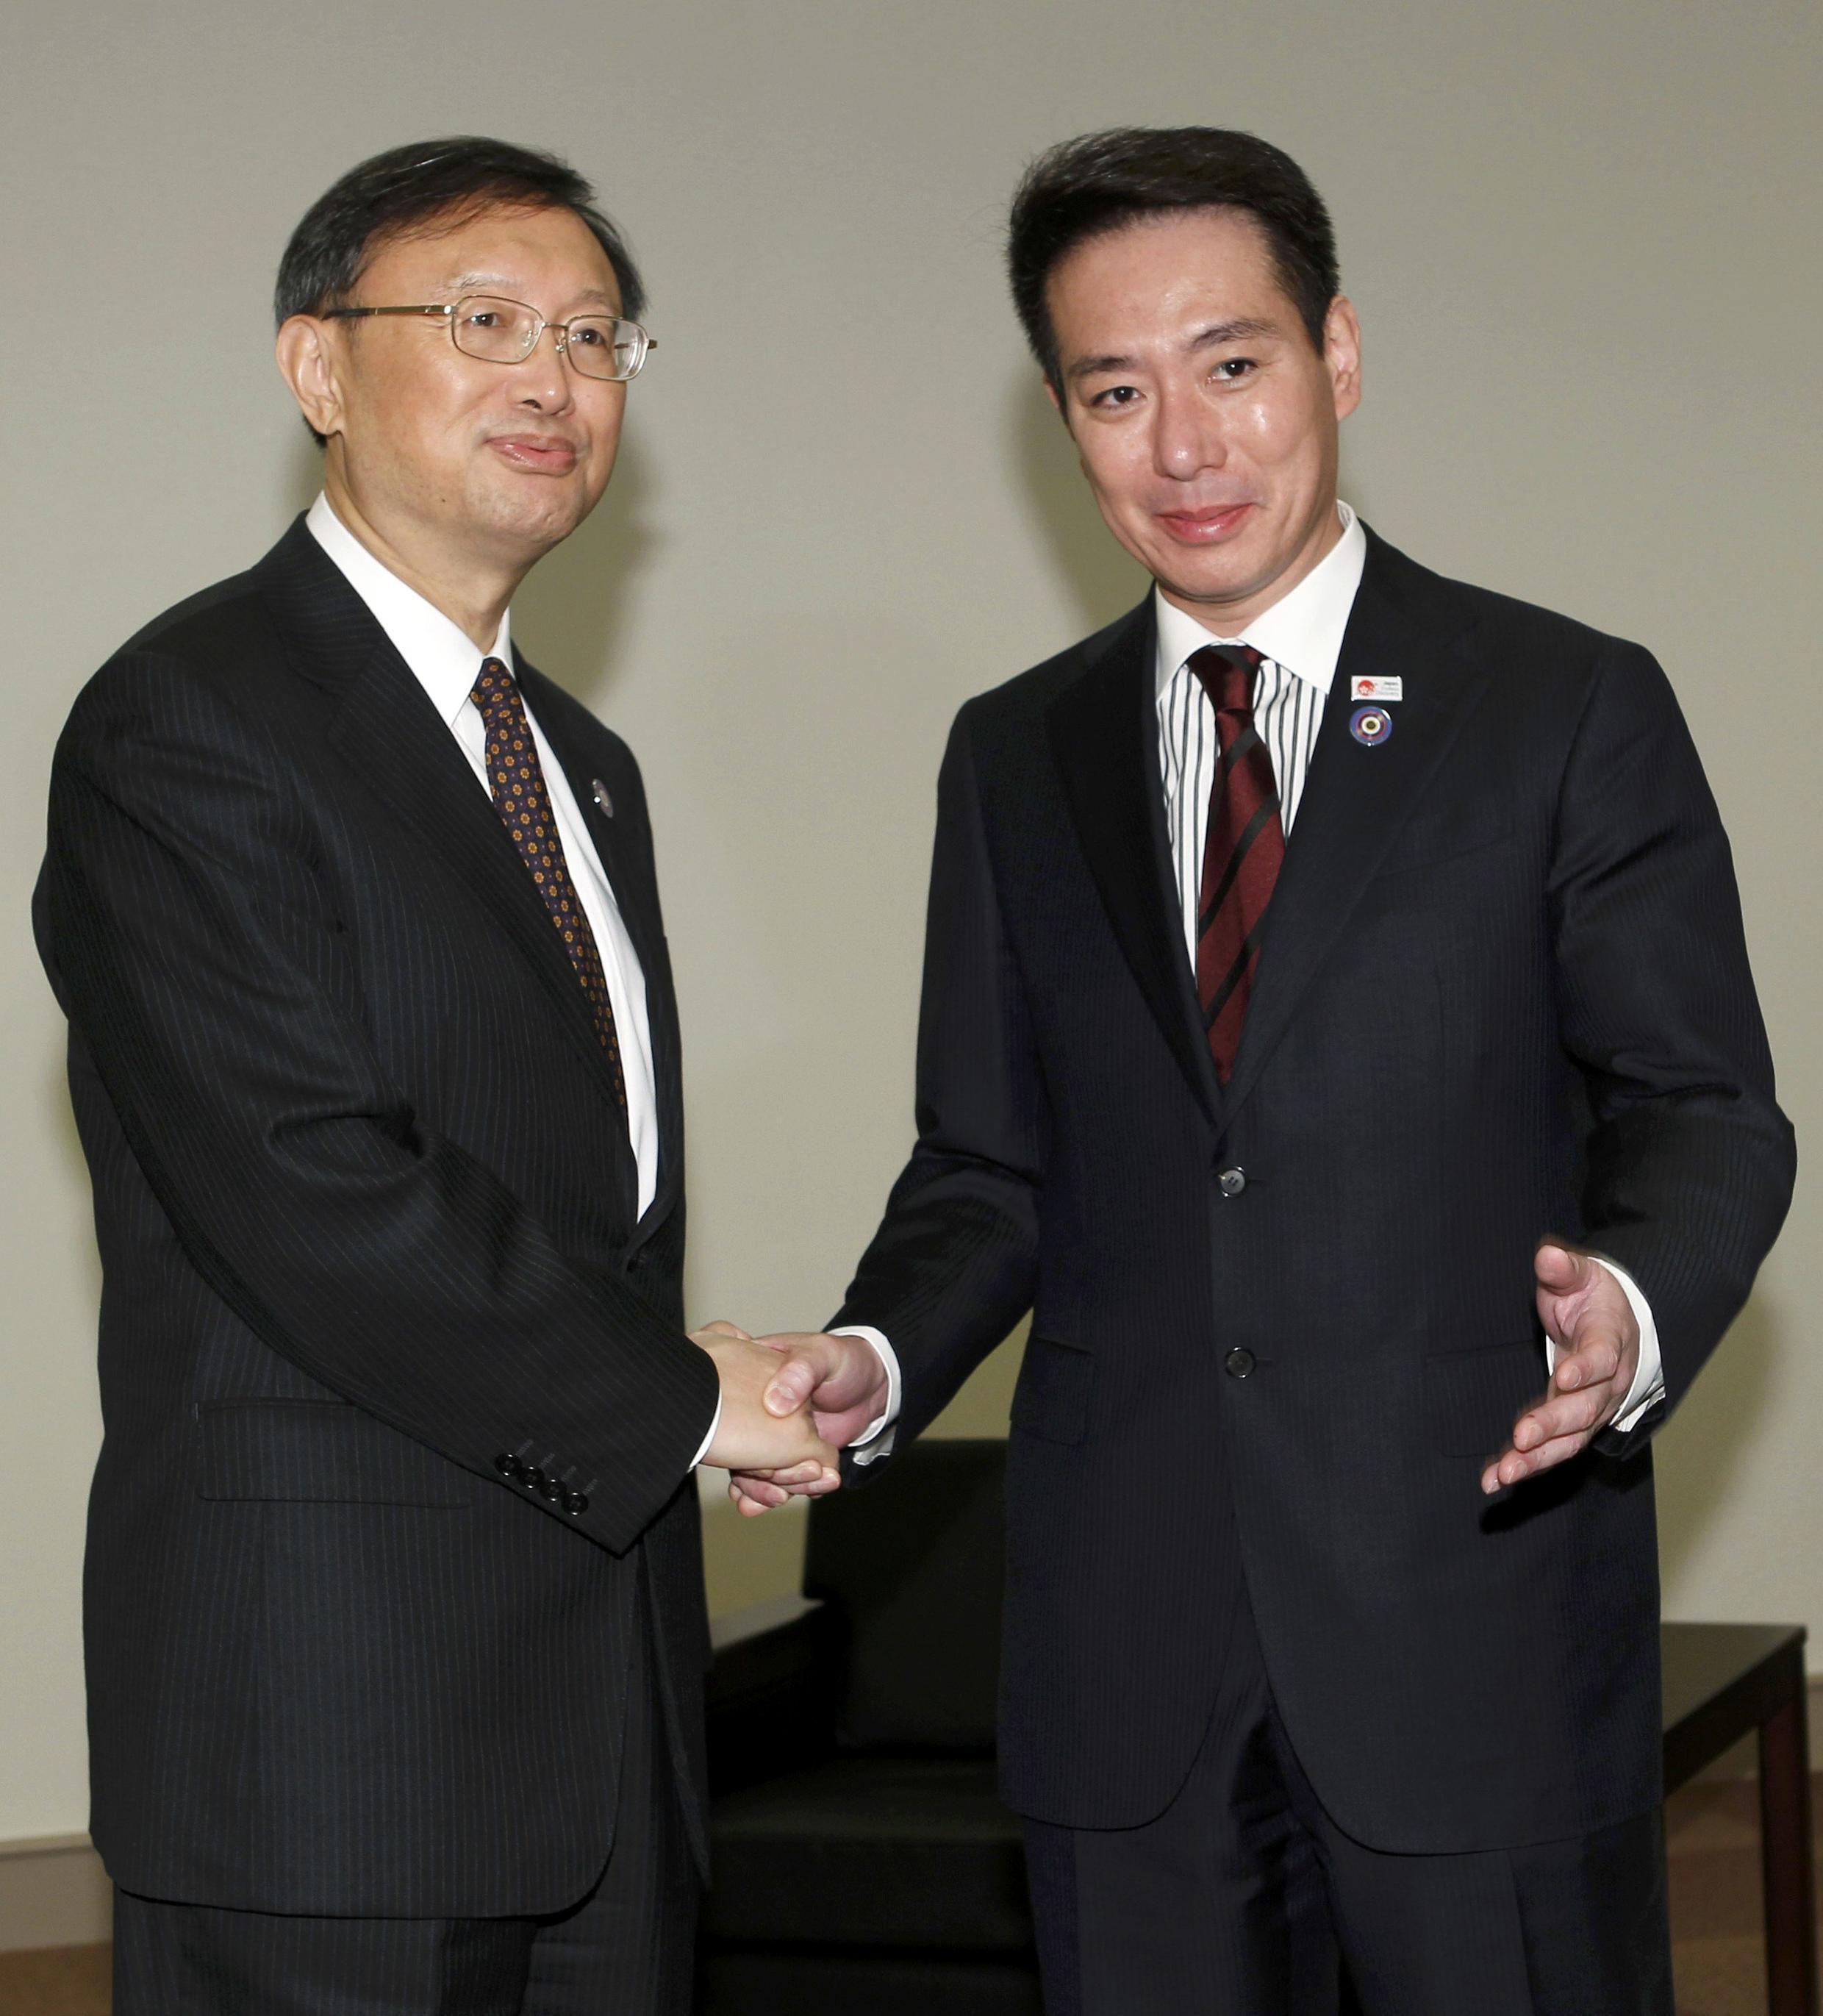 中國外長楊潔篪與日本外相前原誠司2010年11月14日在橫濱亞太經合會晤談